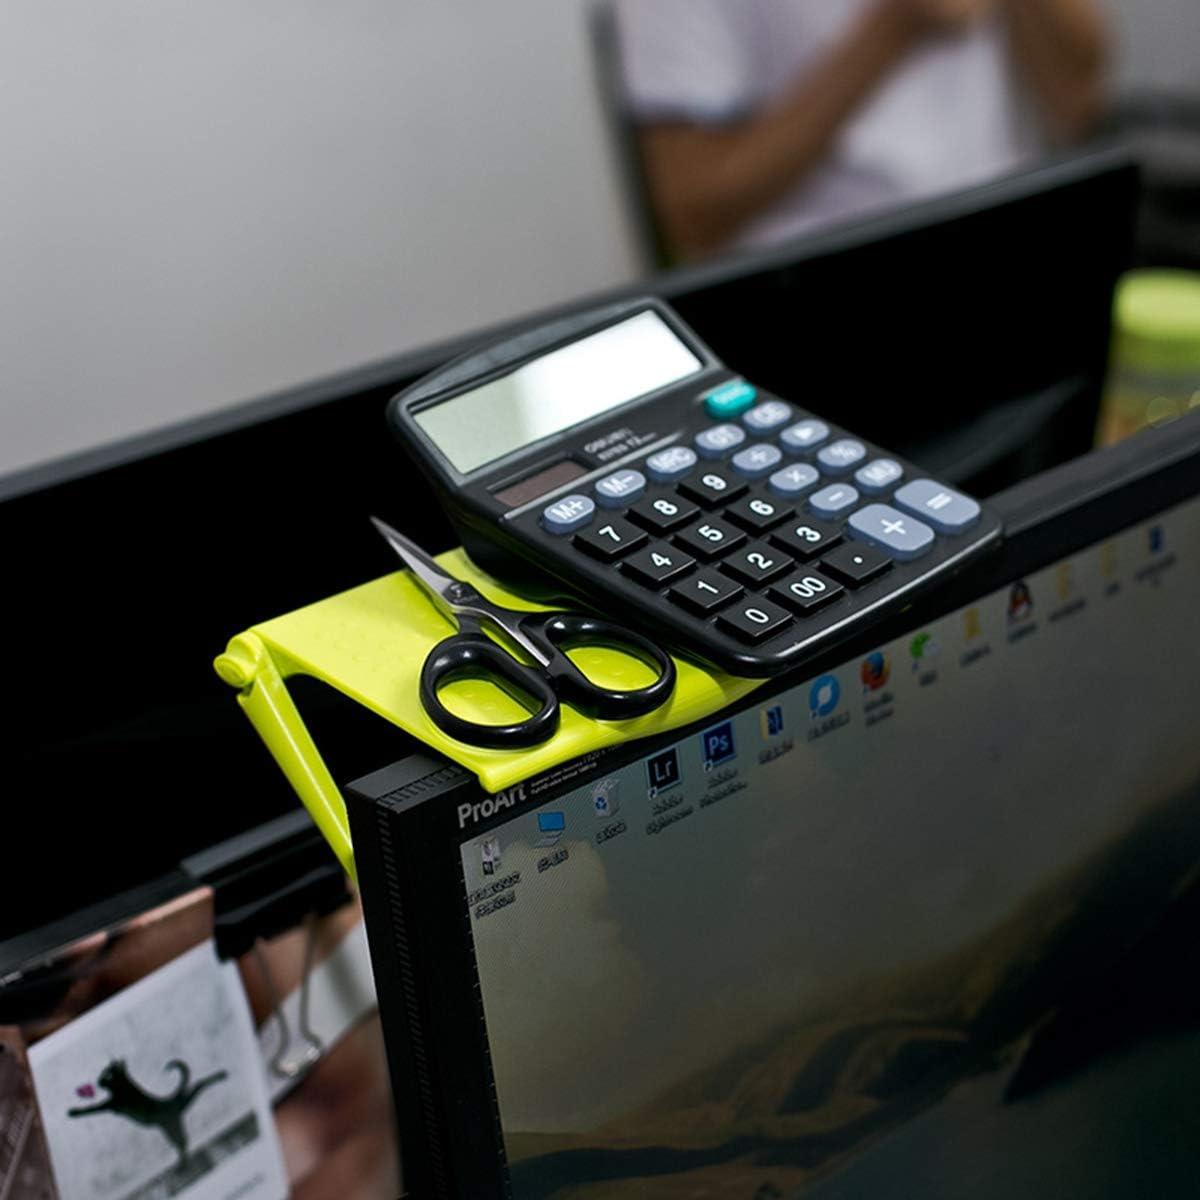 Accessoires de Bureau de Table d/écran dordinateur pour l/étag/ère r/églable MZY1188 1 /étag/ère sup/érieure pour Mini /écran,Agrafe de Support de Stockage de Bureau